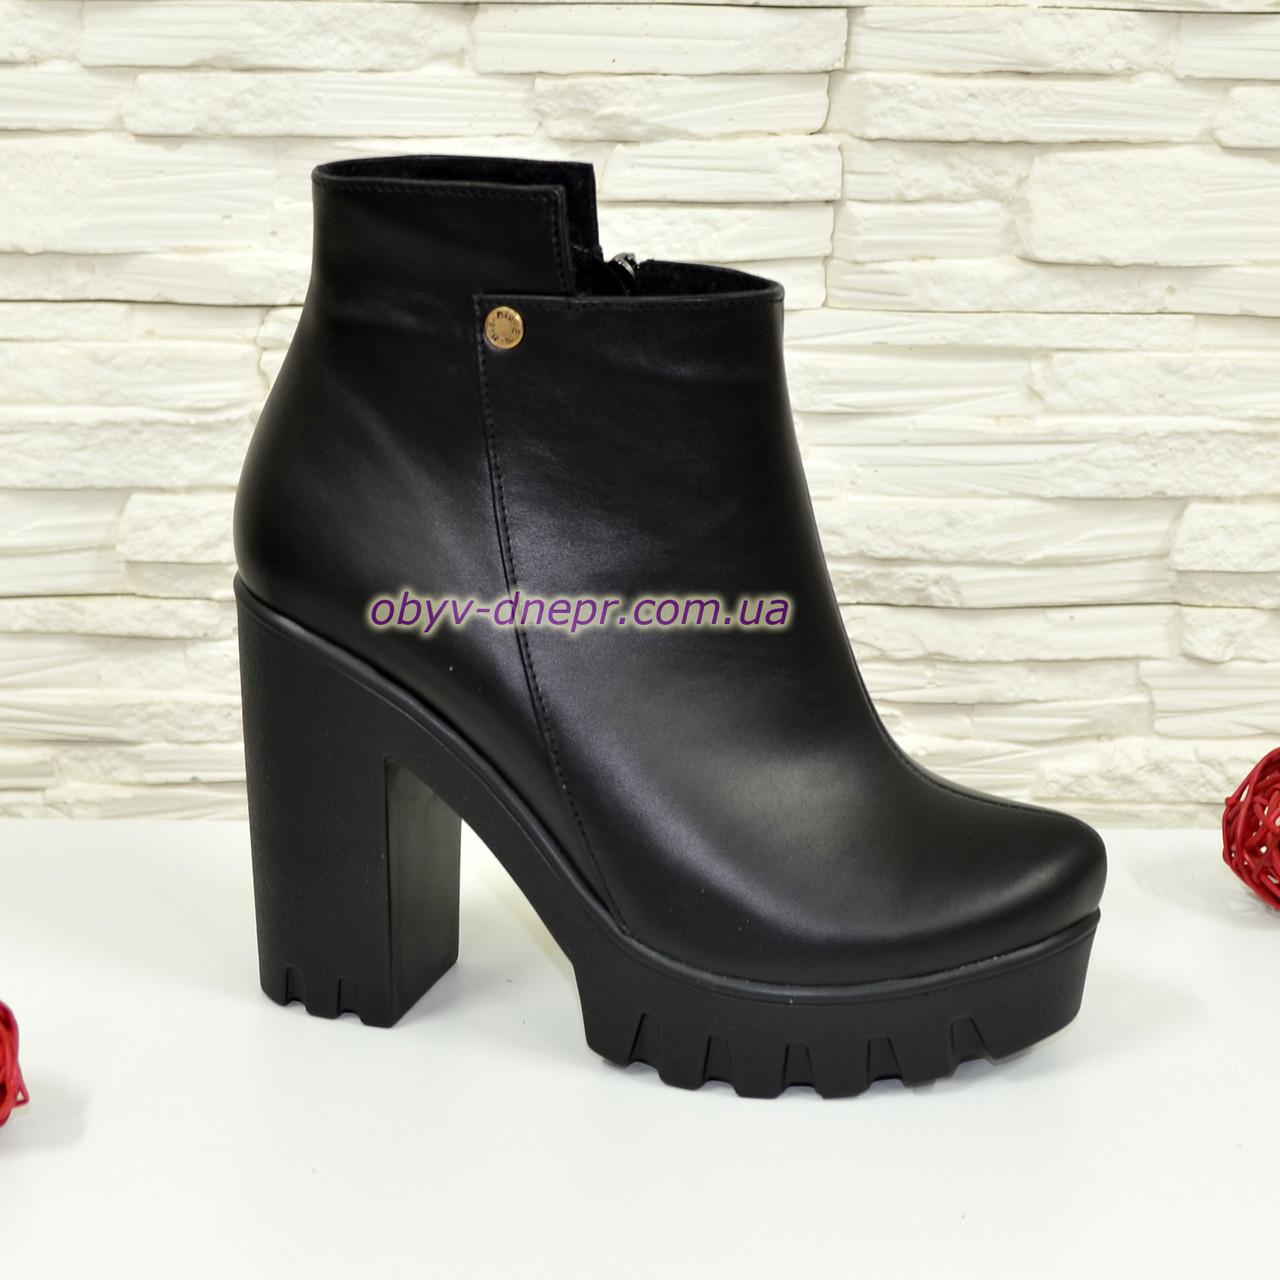 Ботинки женские кожаные на тракторной подошве. Зимний вариант